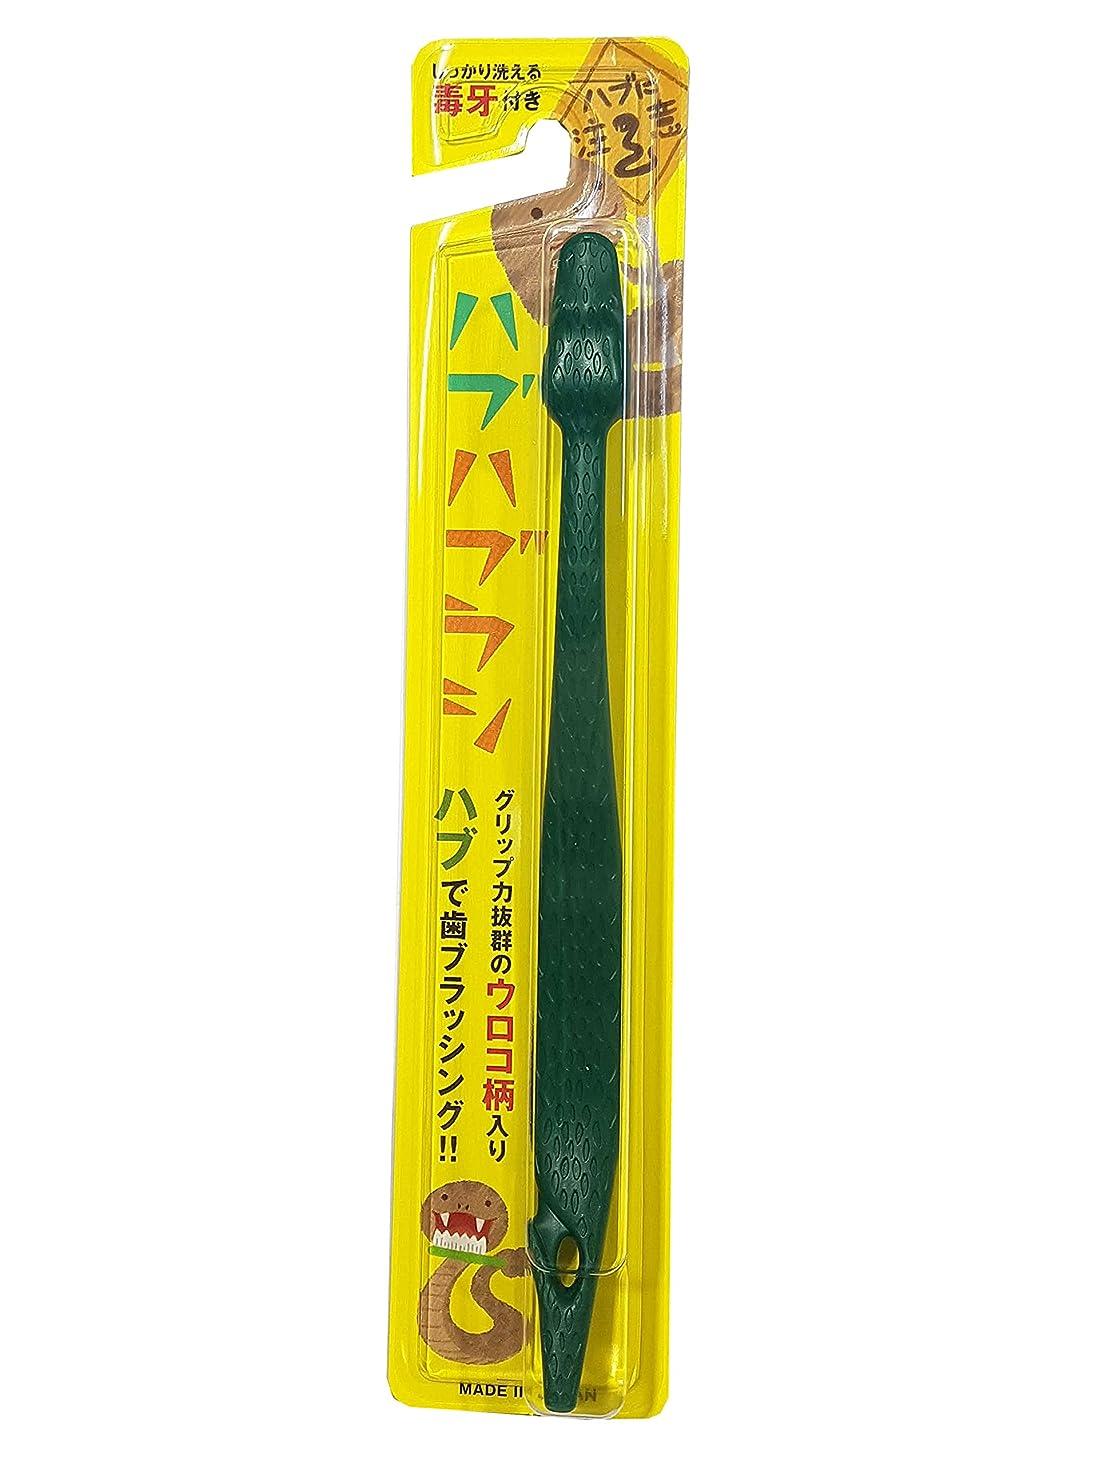 引き受けるチーフ嫌がらせハブハブラシ (緑 色) 沖縄 はぶ 歯ブラシ